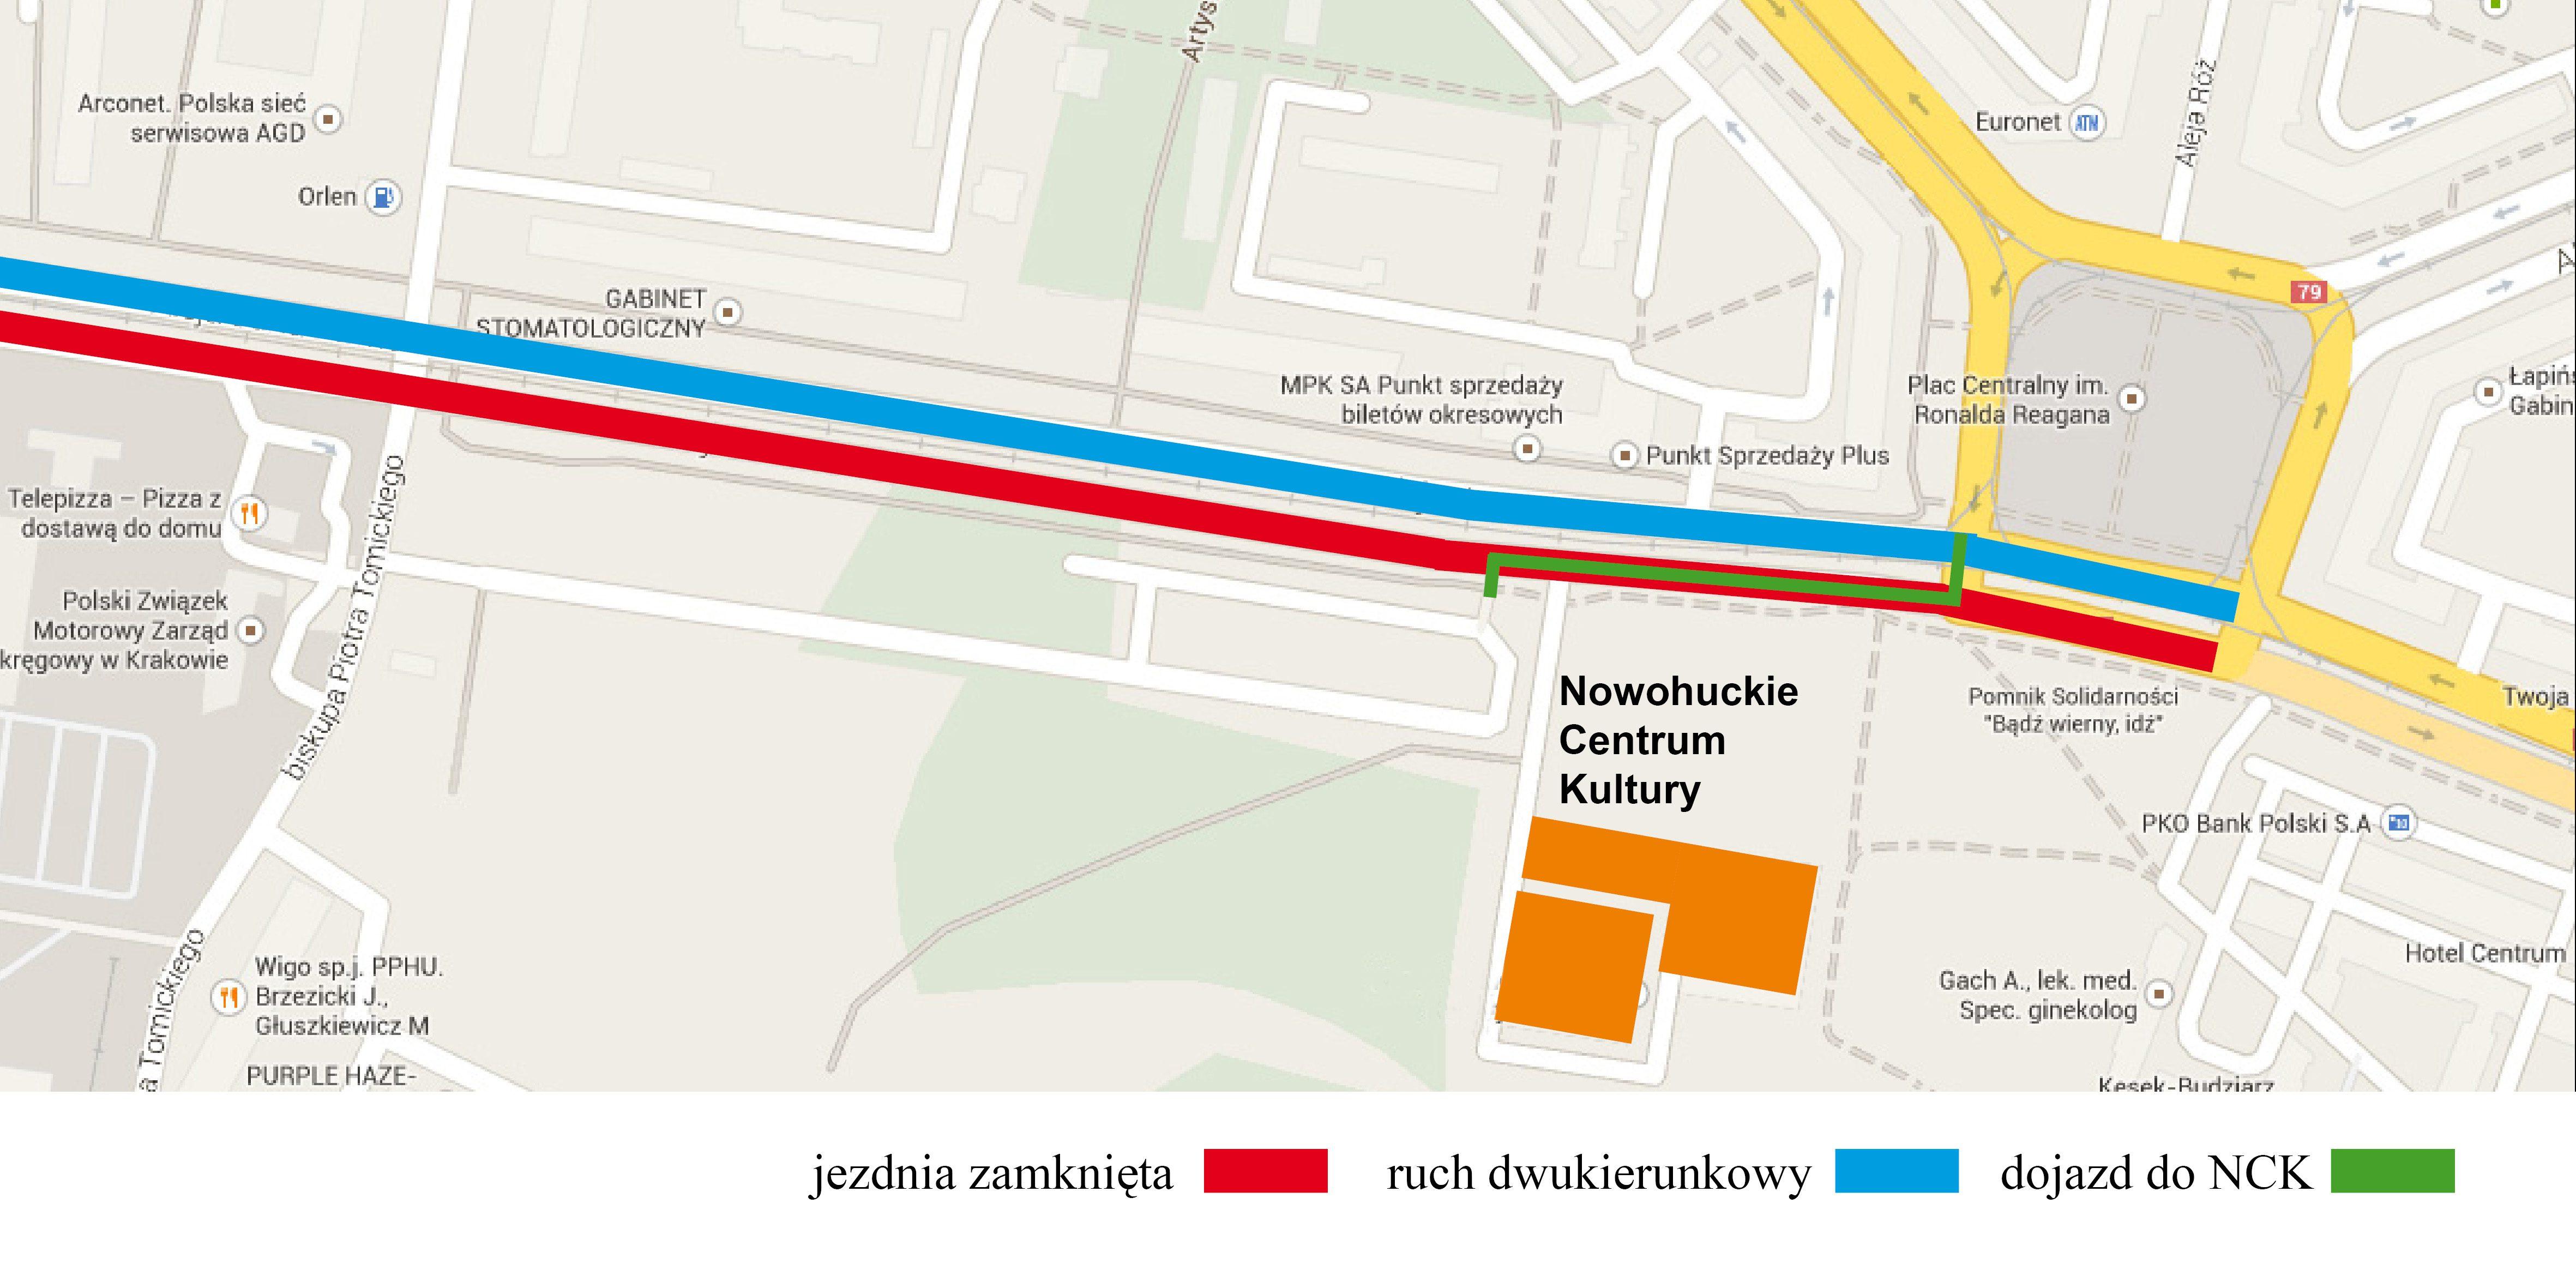 Dojazd Do Nck W Dniu 4 Lipca Nowohuckie Centrum Kultury Krakow